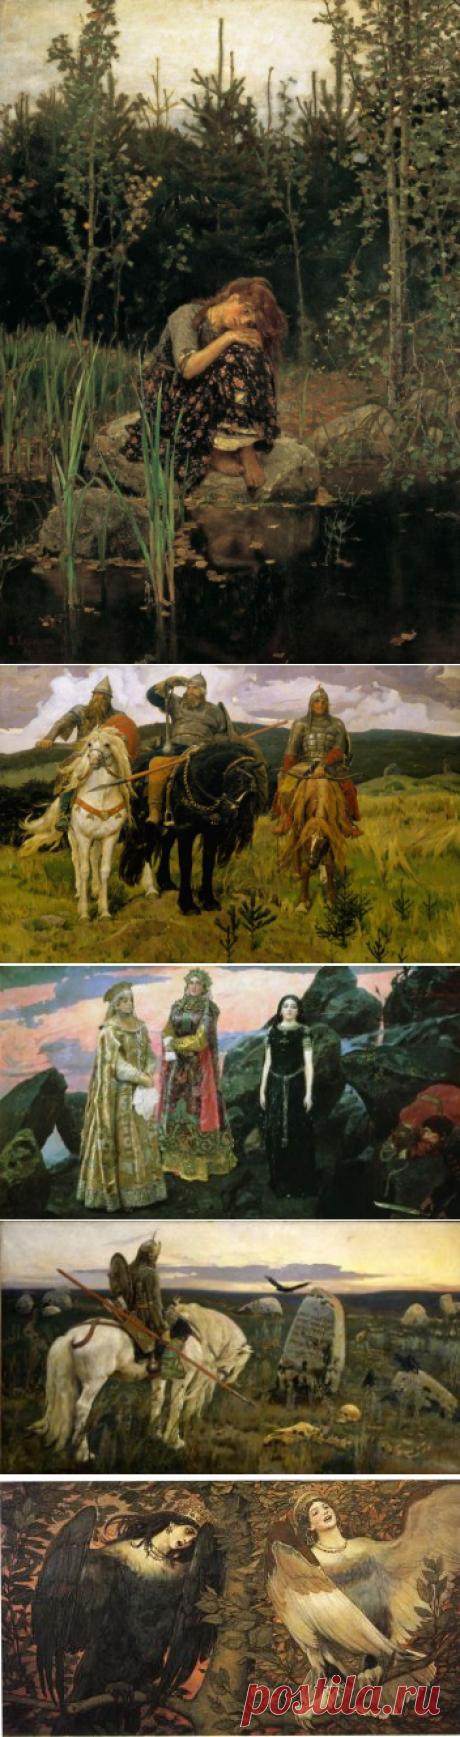 Виктор Михайлович Васнецова: самые известные картины с названиями, смотреть творчество и фото работ знаменитого художника иллюстратора